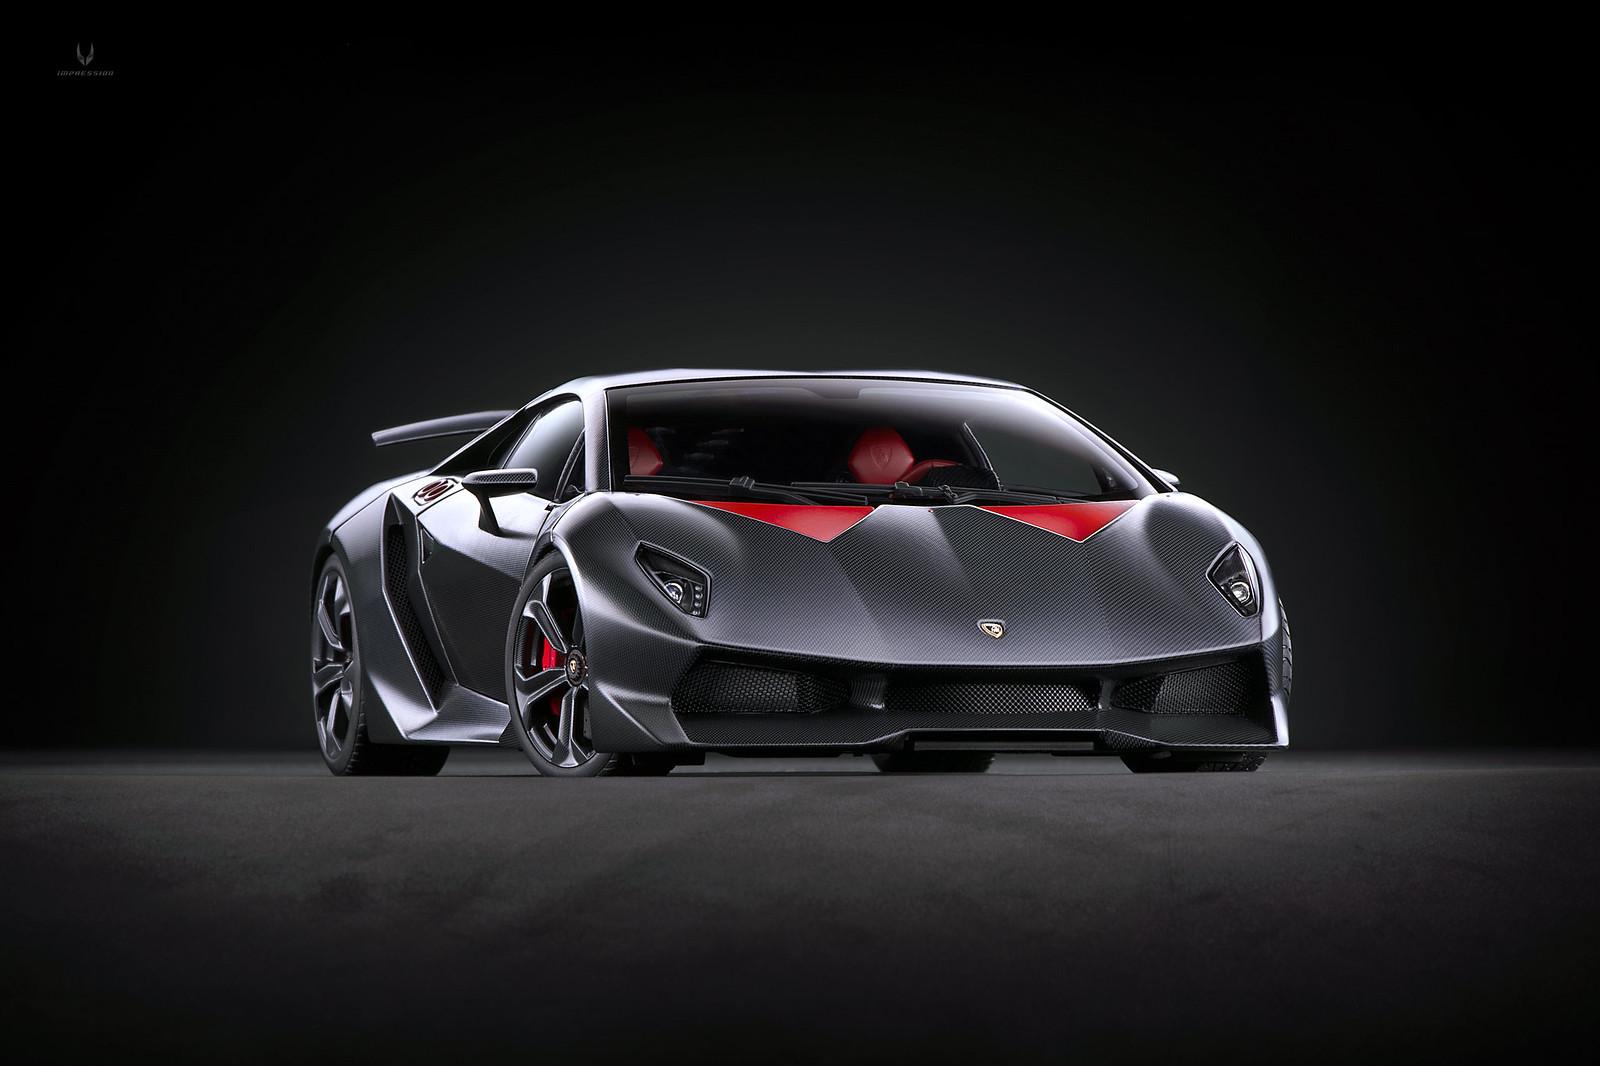 1/18 Lamborghini Sesto Elemento [AUTOart] - Diecast